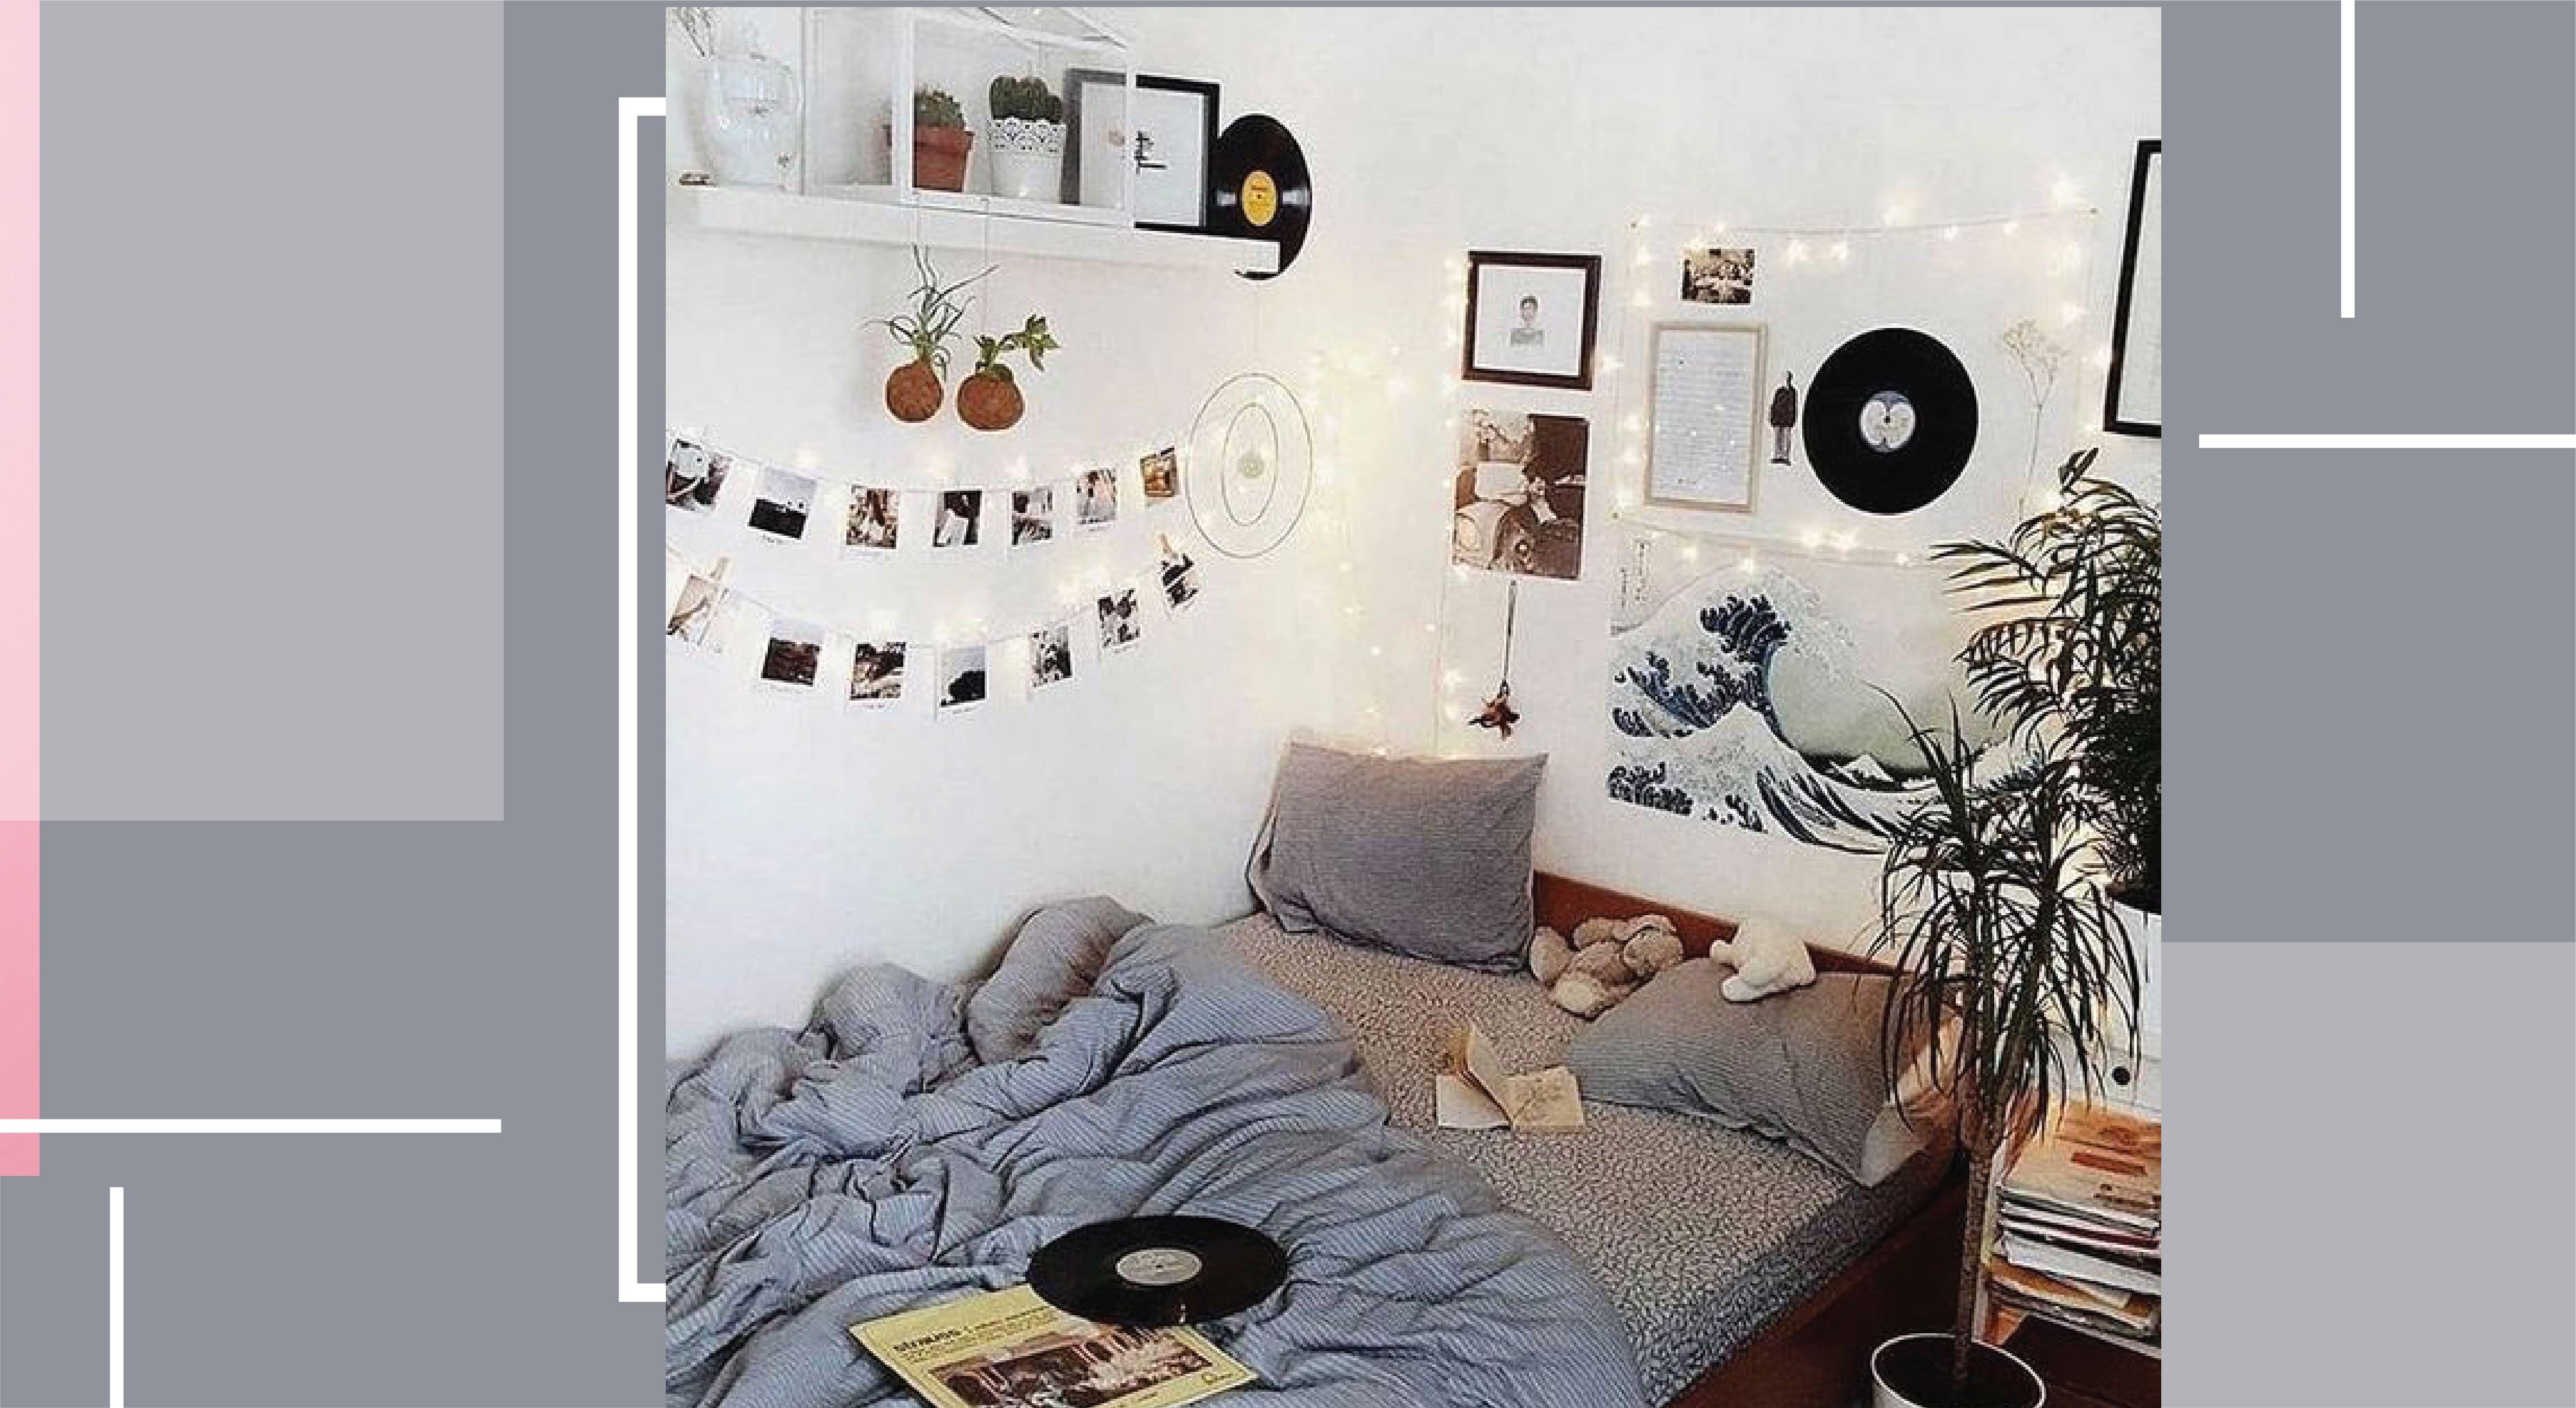 Aesthetic Room Decor Ideas The Modern East